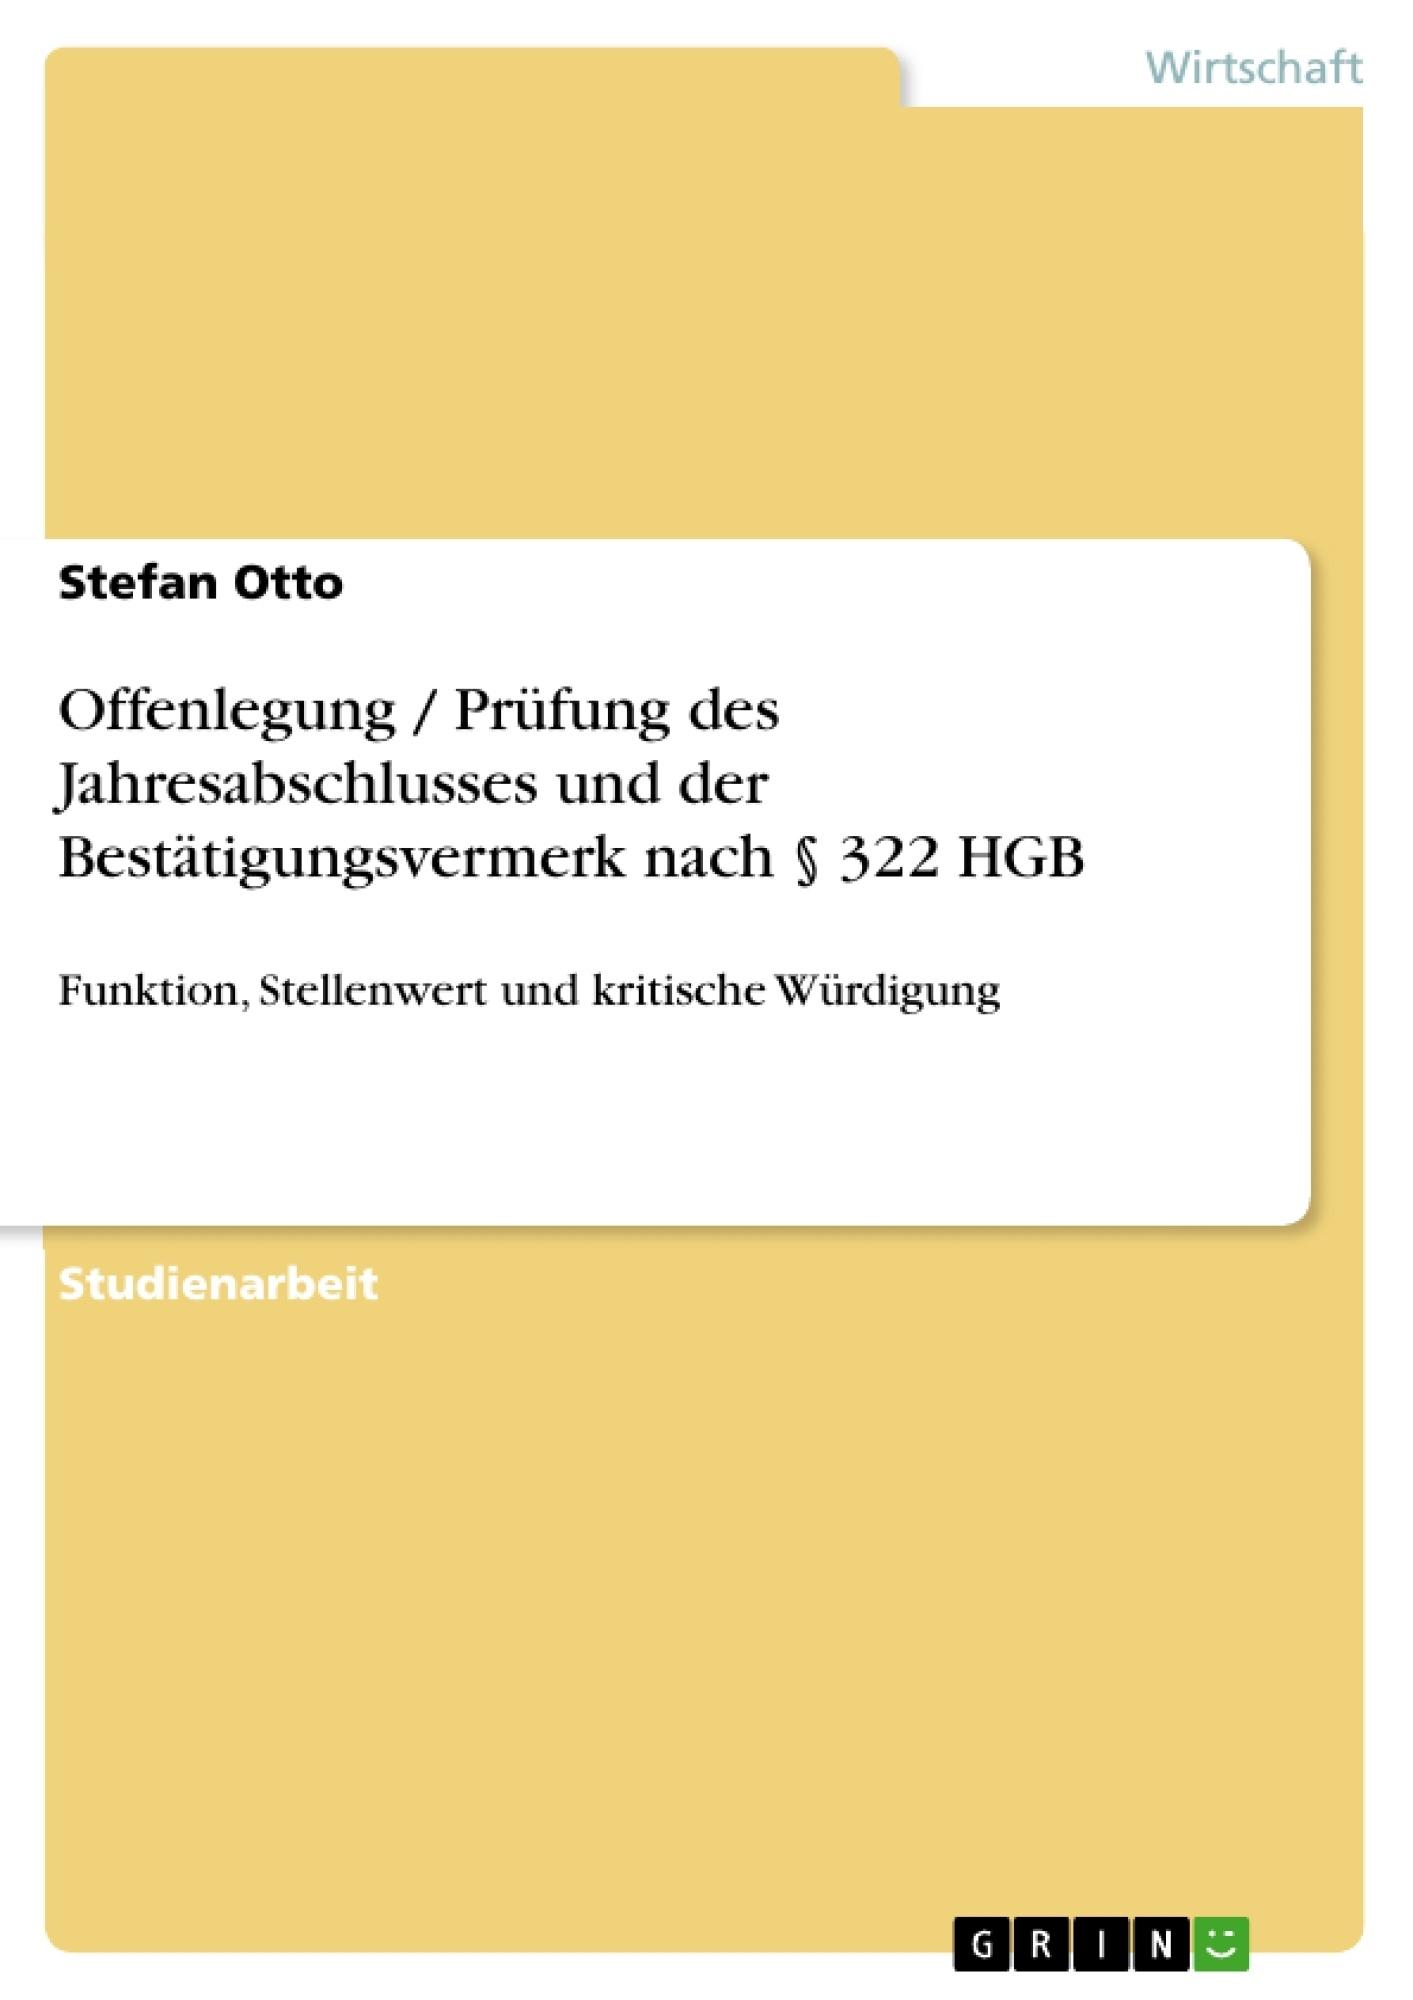 Titel: Offenlegung / Prüfung des Jahresabschlusses und der Bestätigungsvermerk nach § 322 HGB